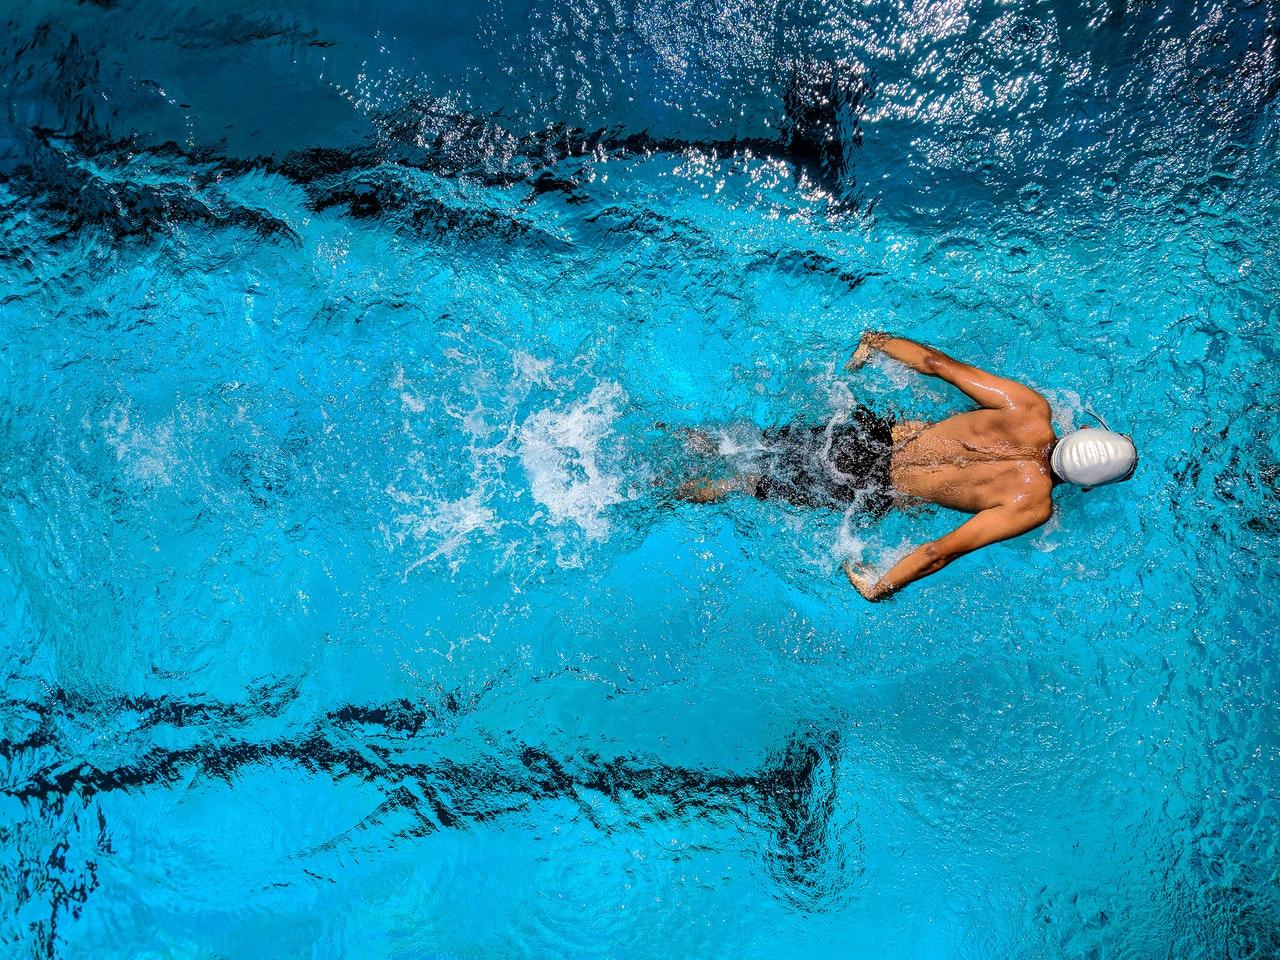 Loja de artigos de natação: como ter sucesso? (Foto de Guduru Ajay bhargav no Pexels)